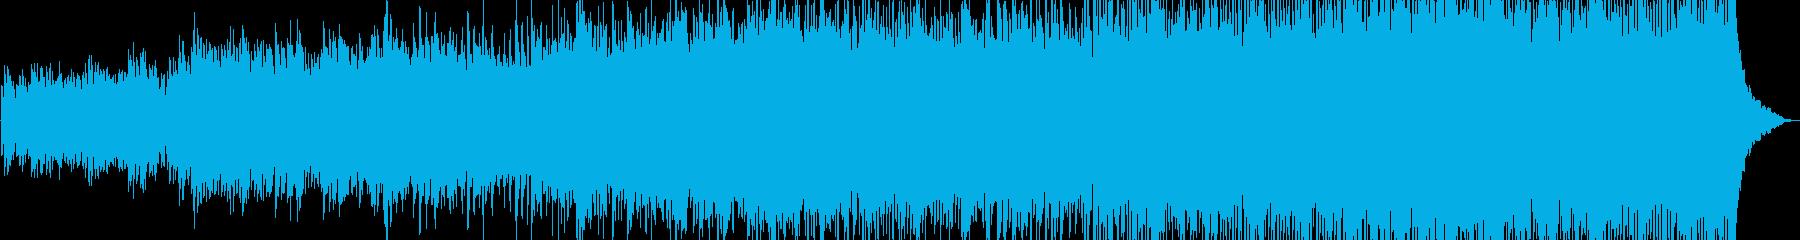 現代の交響曲 室内楽 企業イメージ...の再生済みの波形